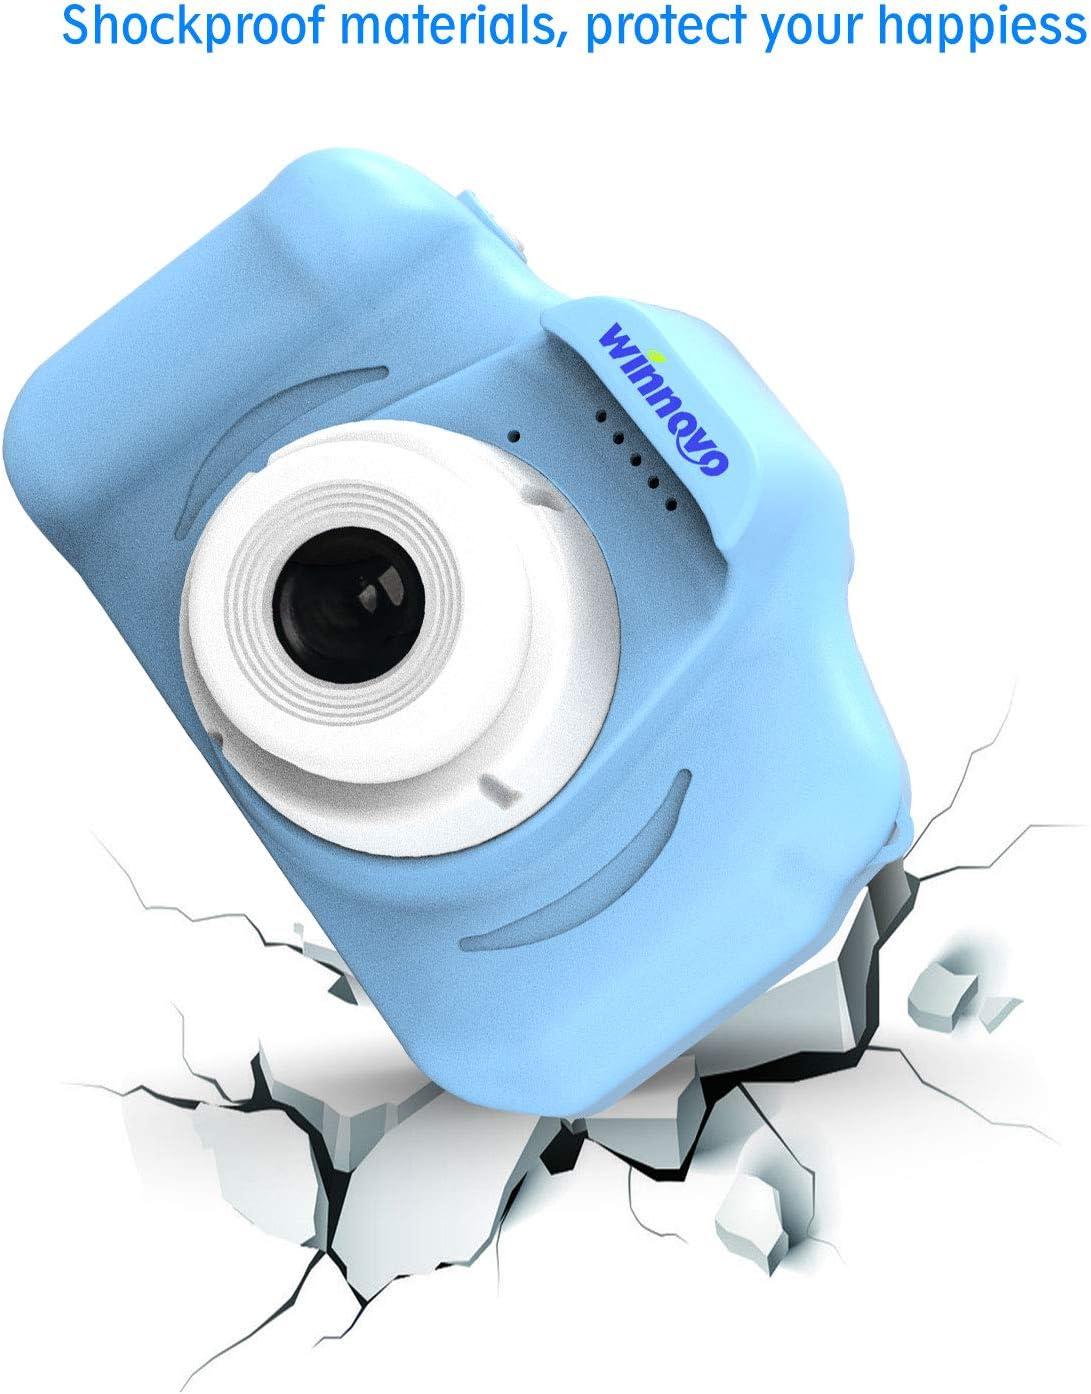 Blau Winnovo KinderKamera Geschenke f/ür 3-10 Jahre alte Jungen und M/ädchen Mini-Camcorder f/ür Kinder mit weicher sto/ßfester Silikonh/ülle Geburtstagsgeschenk-Kamera 2,0 Zoll HD-Bildschirm